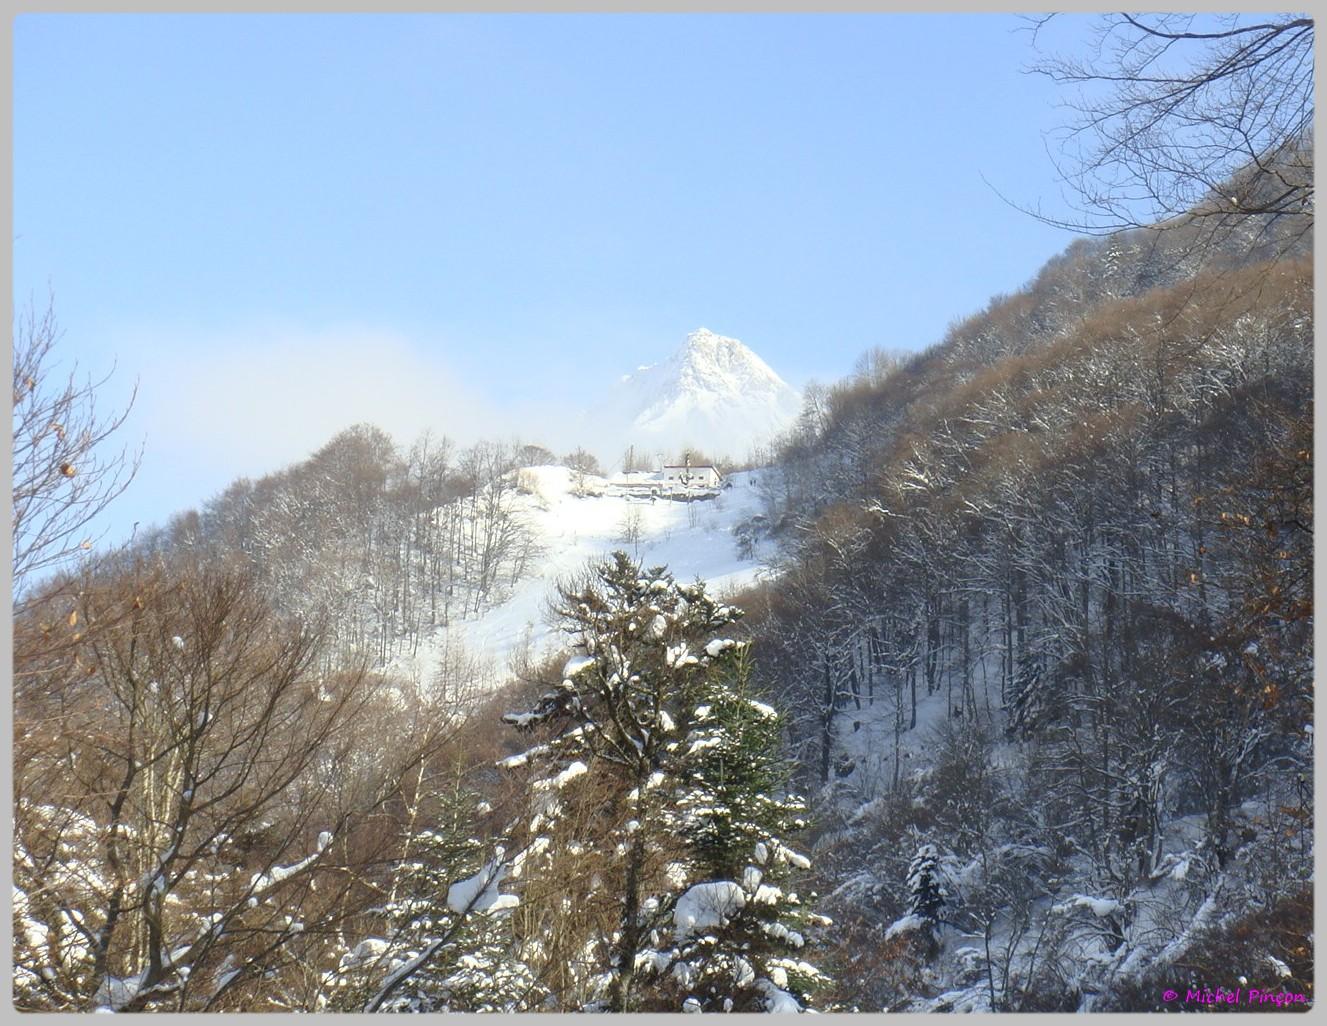 Une semaine à la Neige dans les Htes Pyrénées - Page 2 963919DSC012046